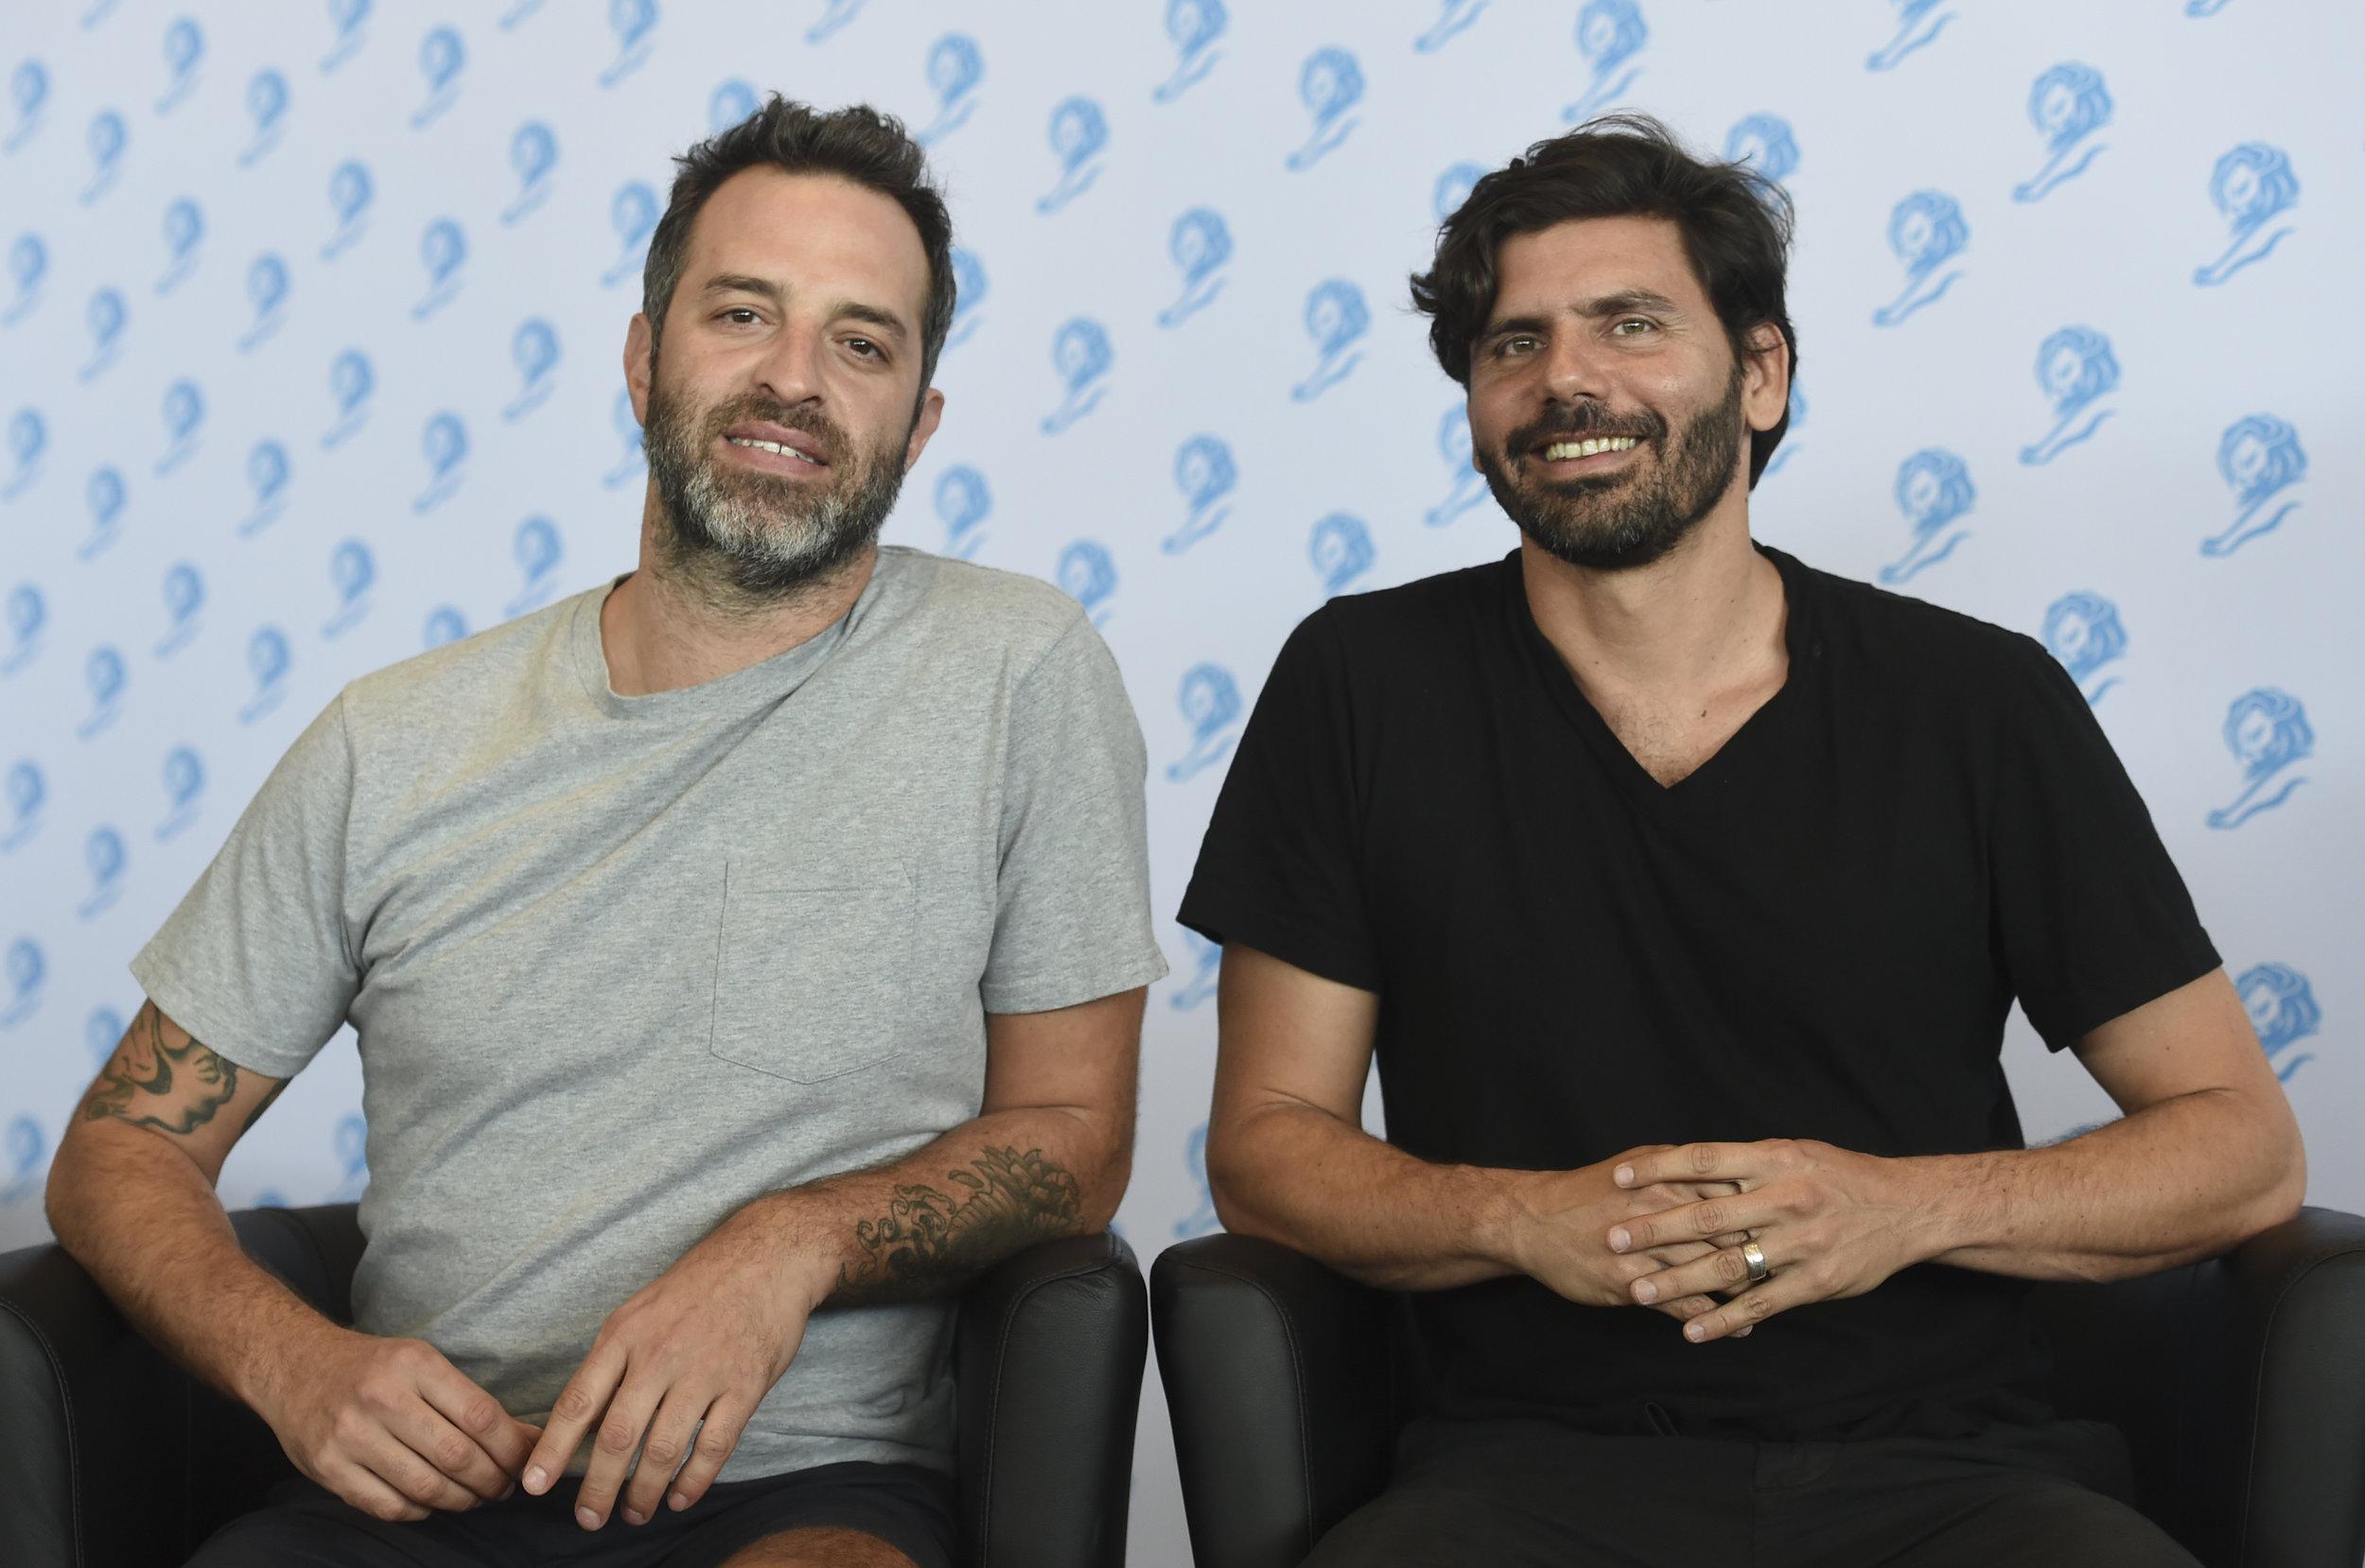 Circus co-founders Ignacio Liaudat (left) and Bruno Lambertini